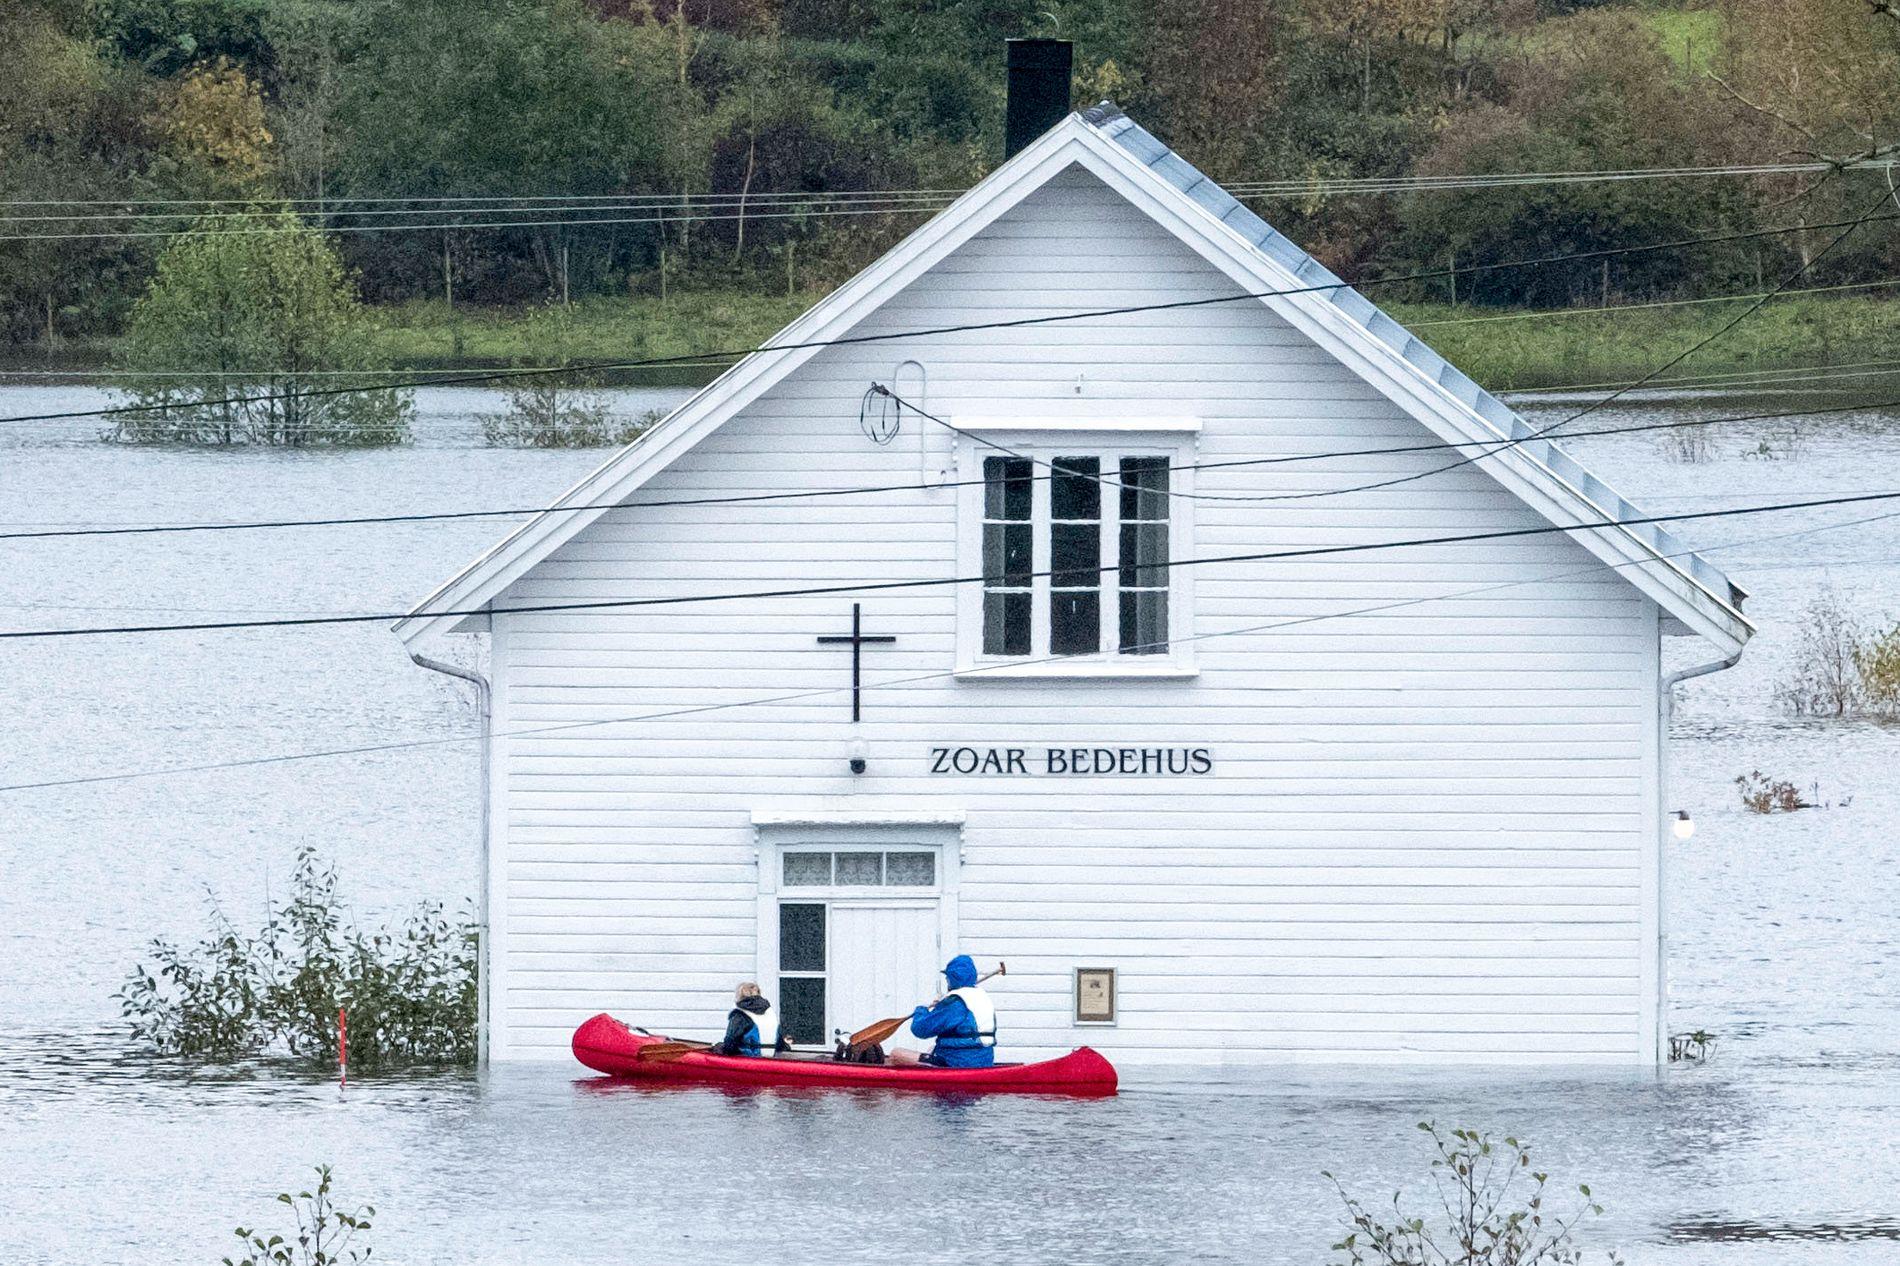 Folk i kano ved bedehuset på Drangsholt langs riksvei 41 mellom Kristiansand og Birkeland som var oversvømt som følge av flommen på Sørlandet i fjor.